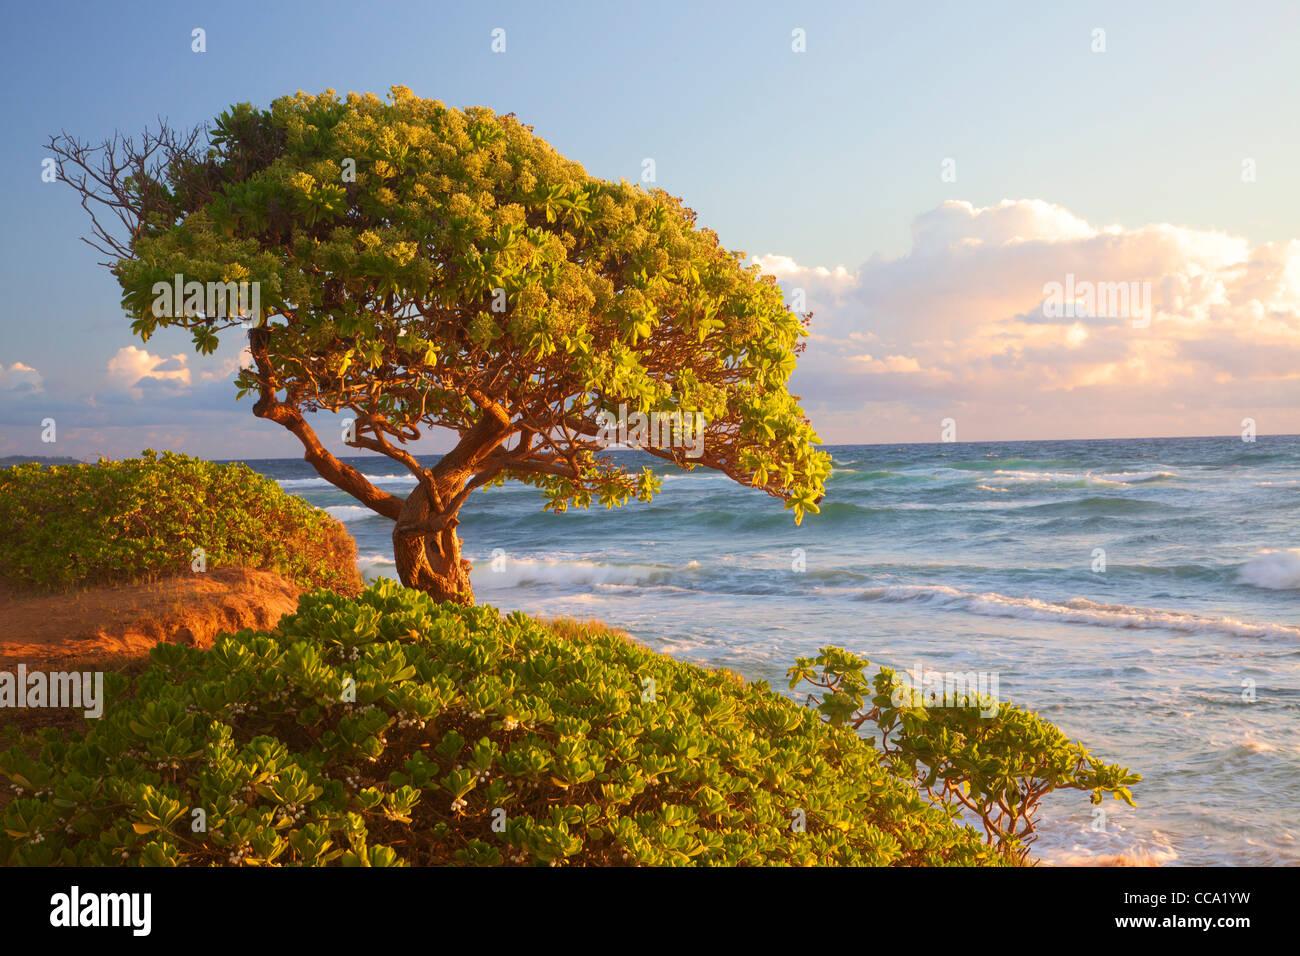 Nukoli'i Beach, también conocido como cocinas, Playa de Kauai, Hawaii. Imagen De Stock